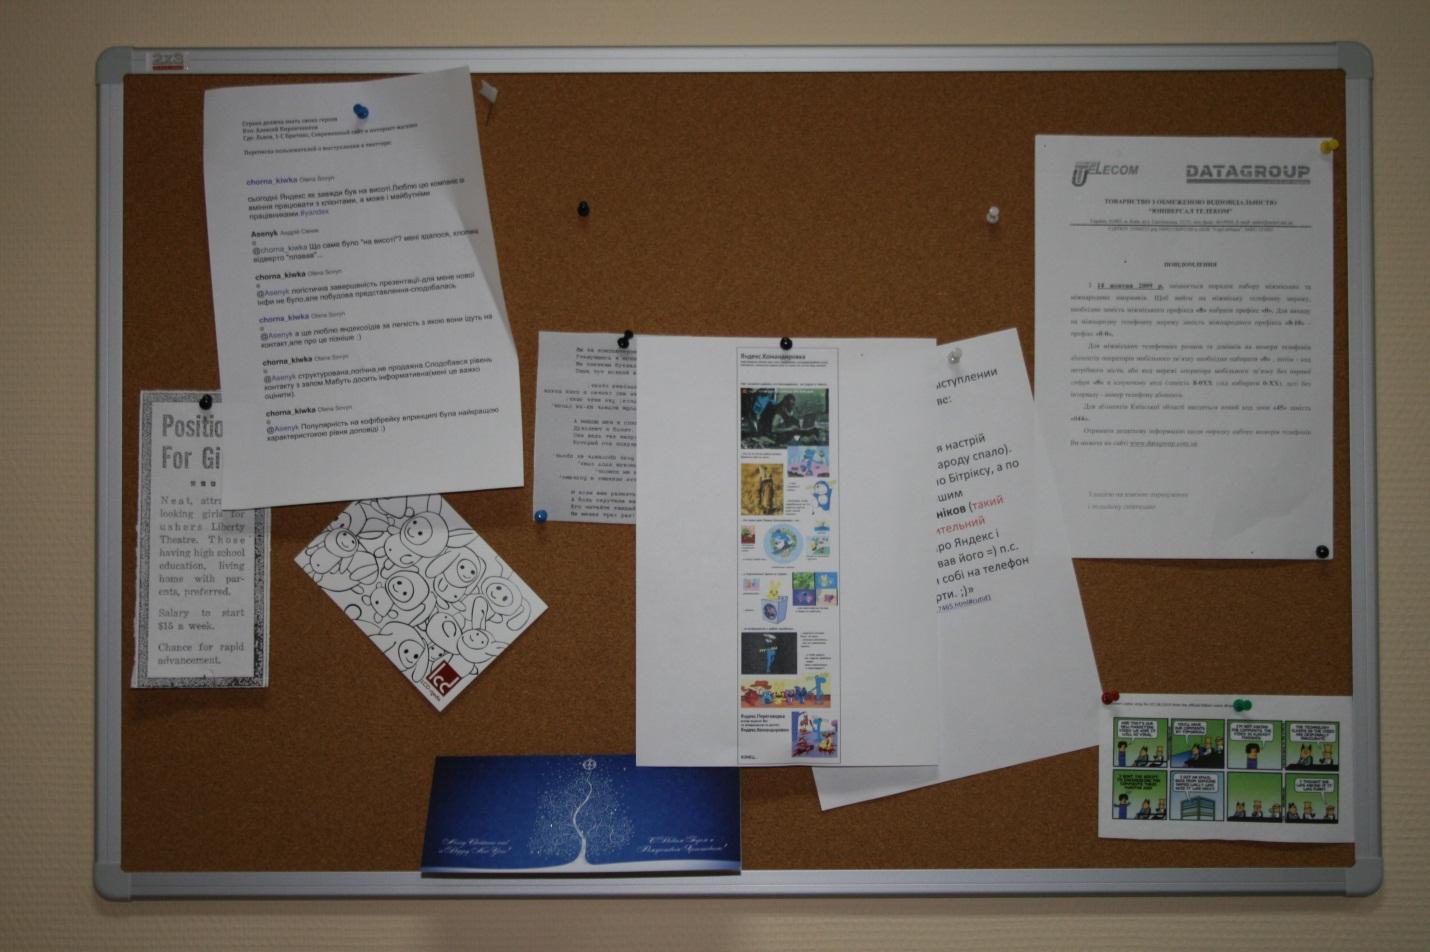 Твиты, посты и комментарии на доске